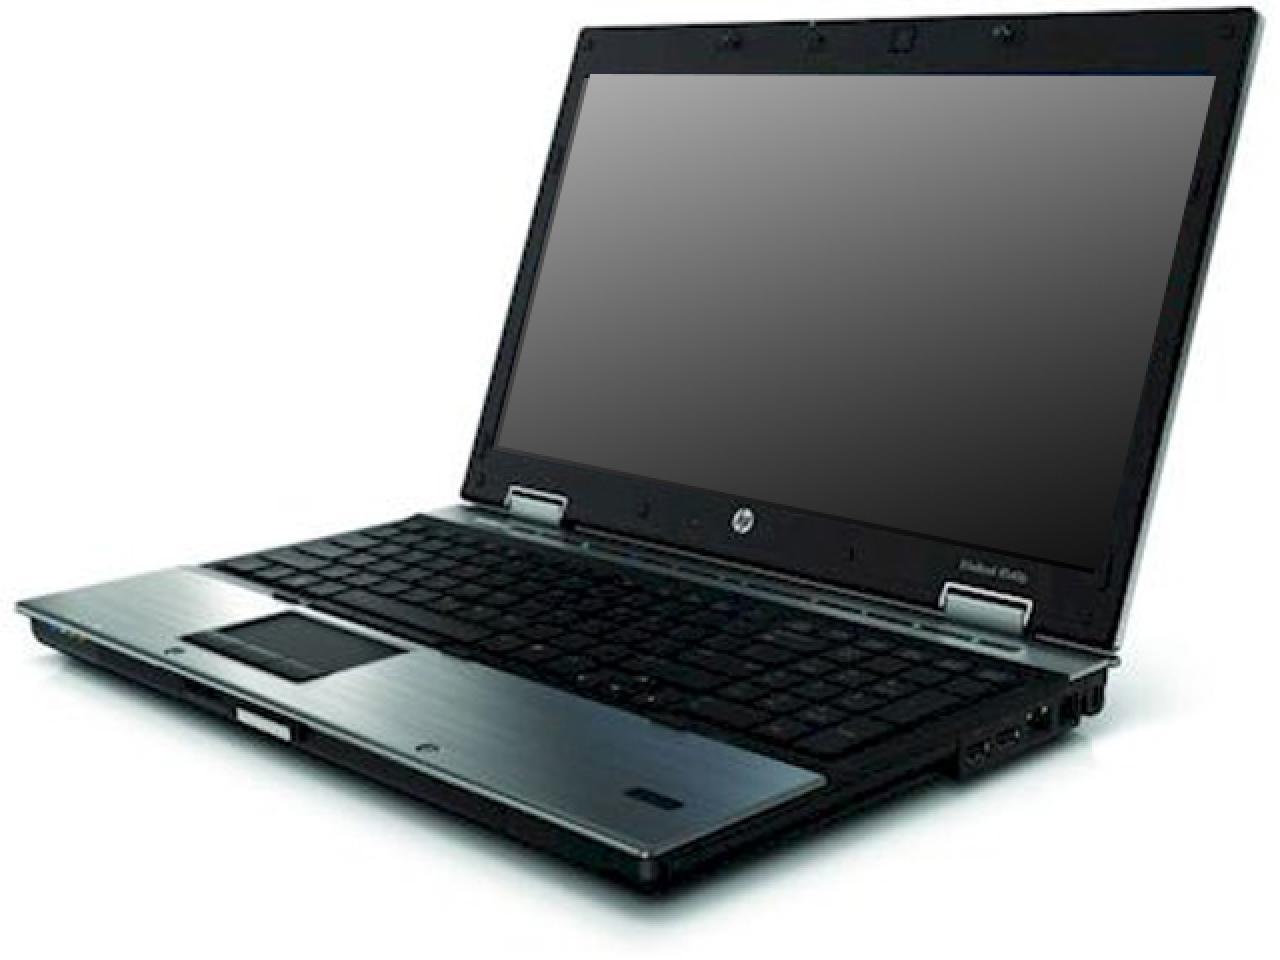 Hewlett Packard EliteBook 8540p  - shop.bb-net.de